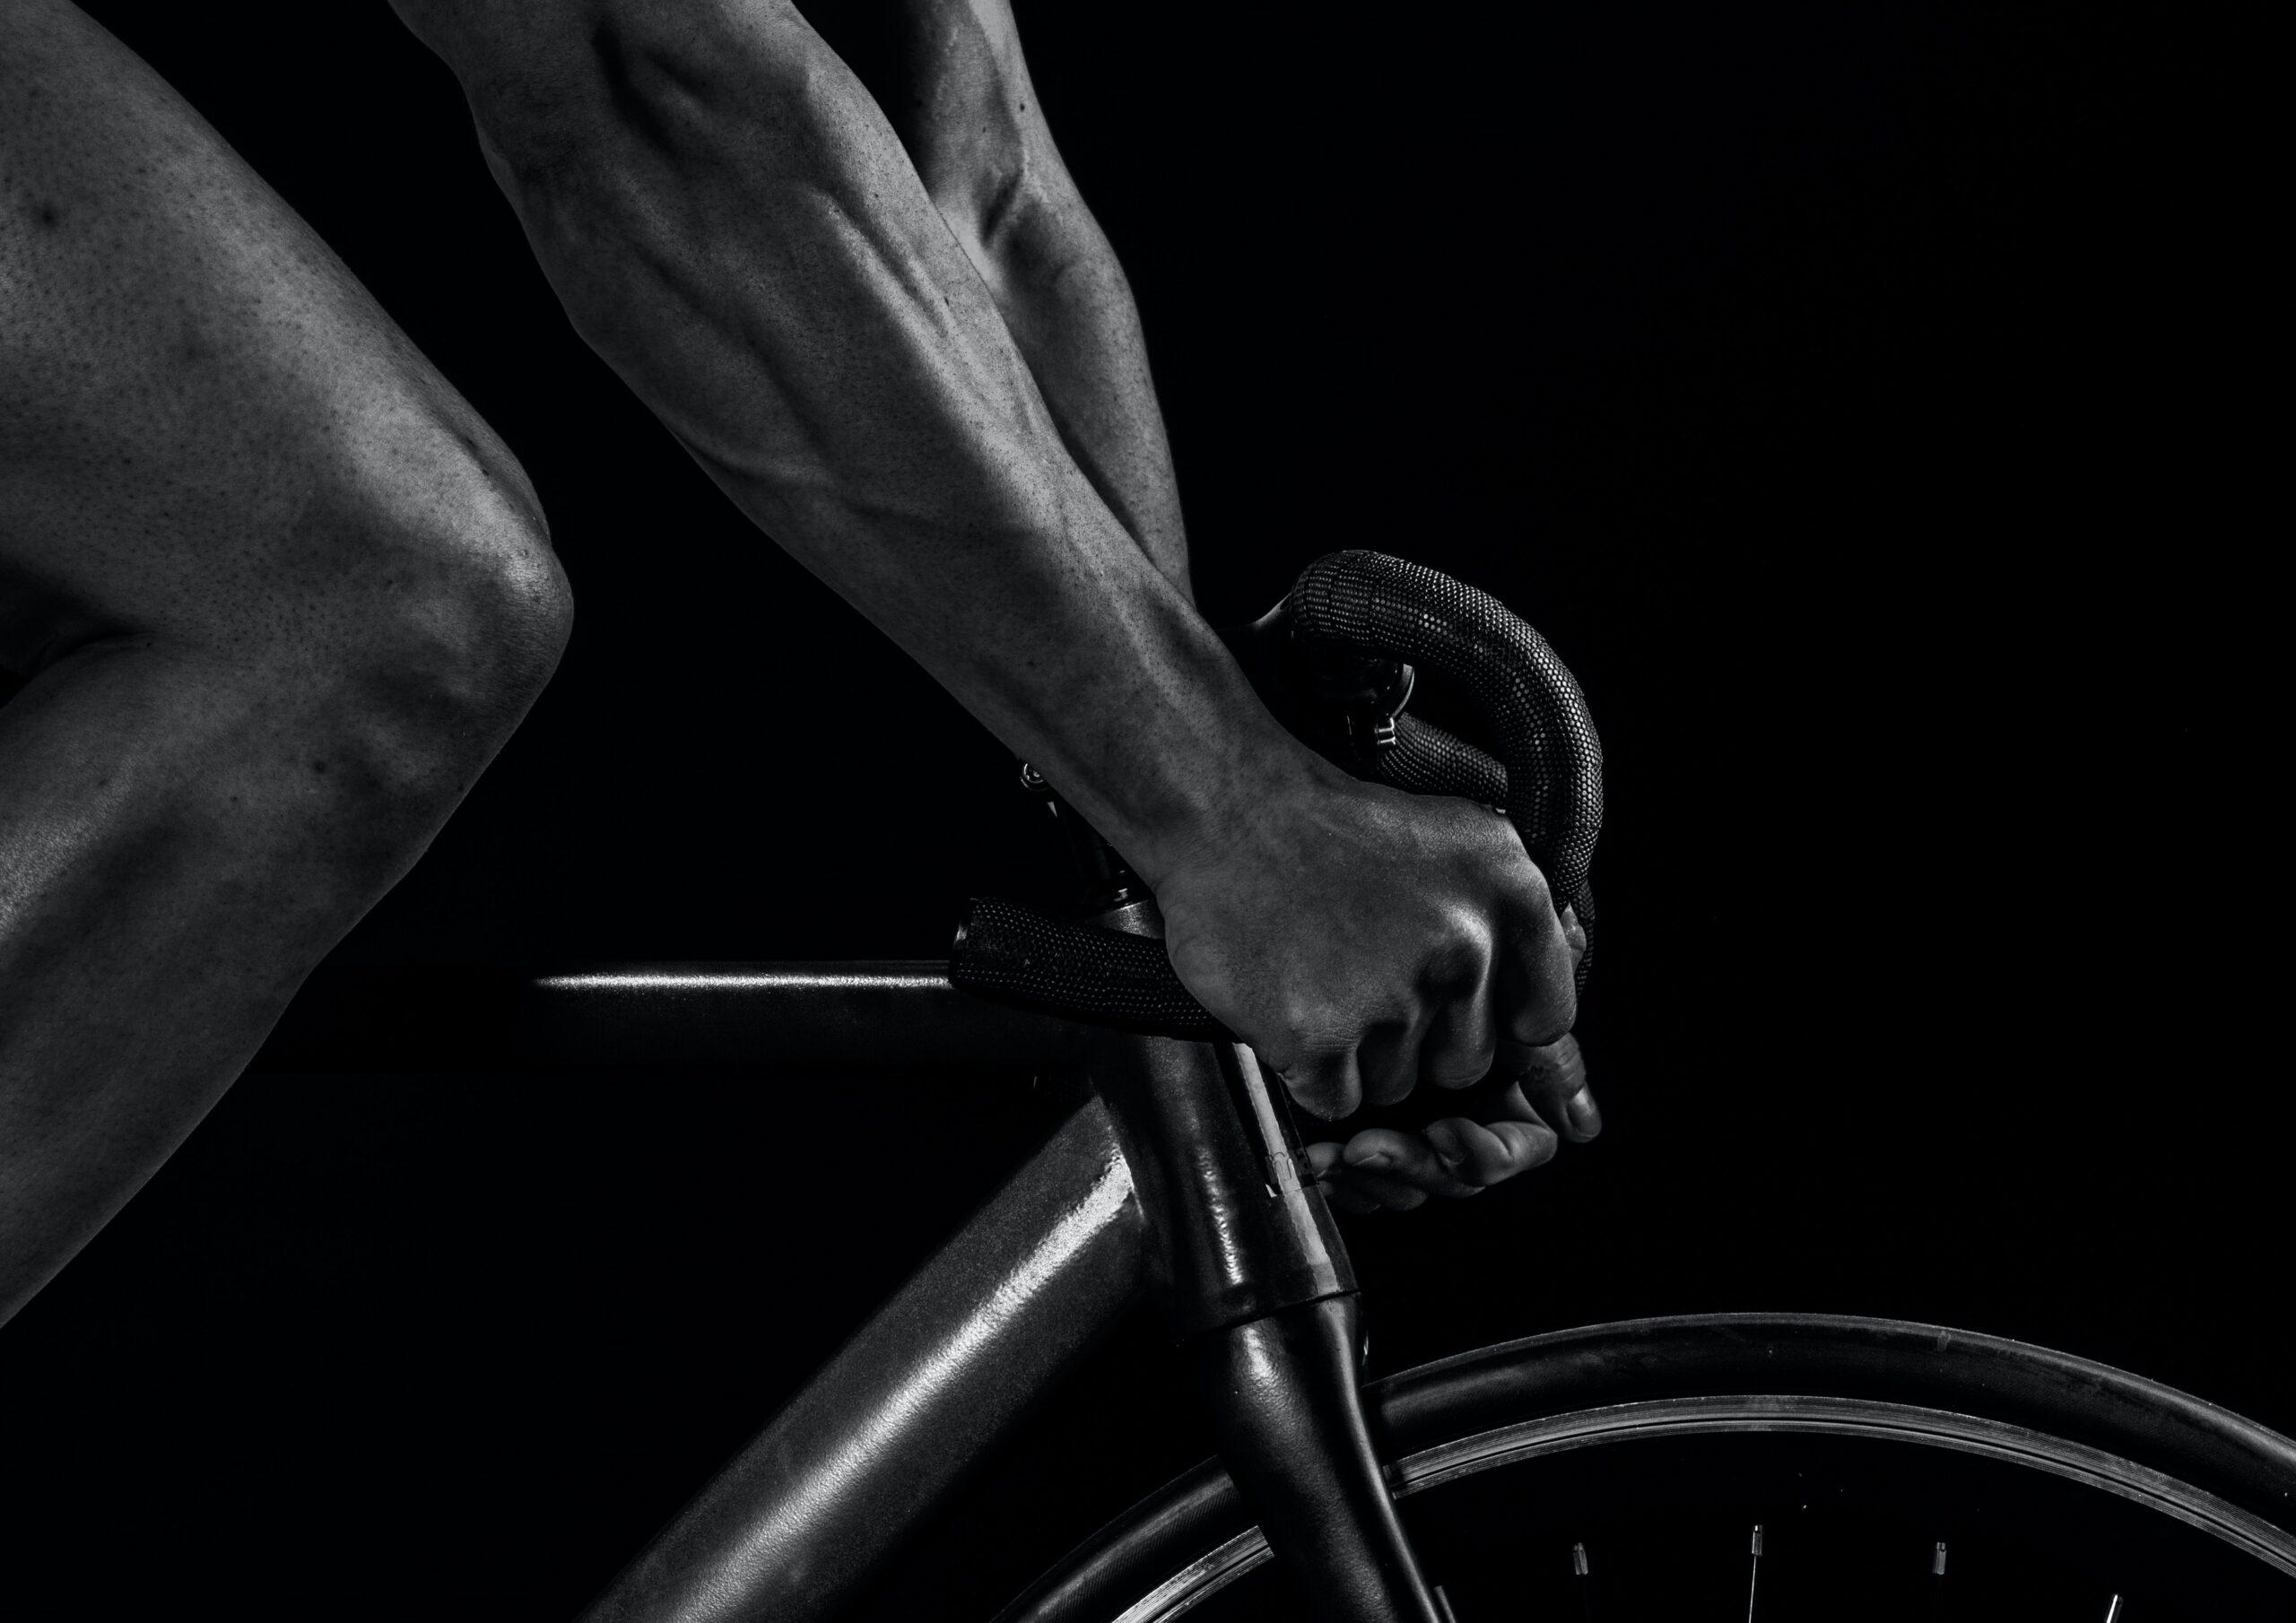 homme sur vélo